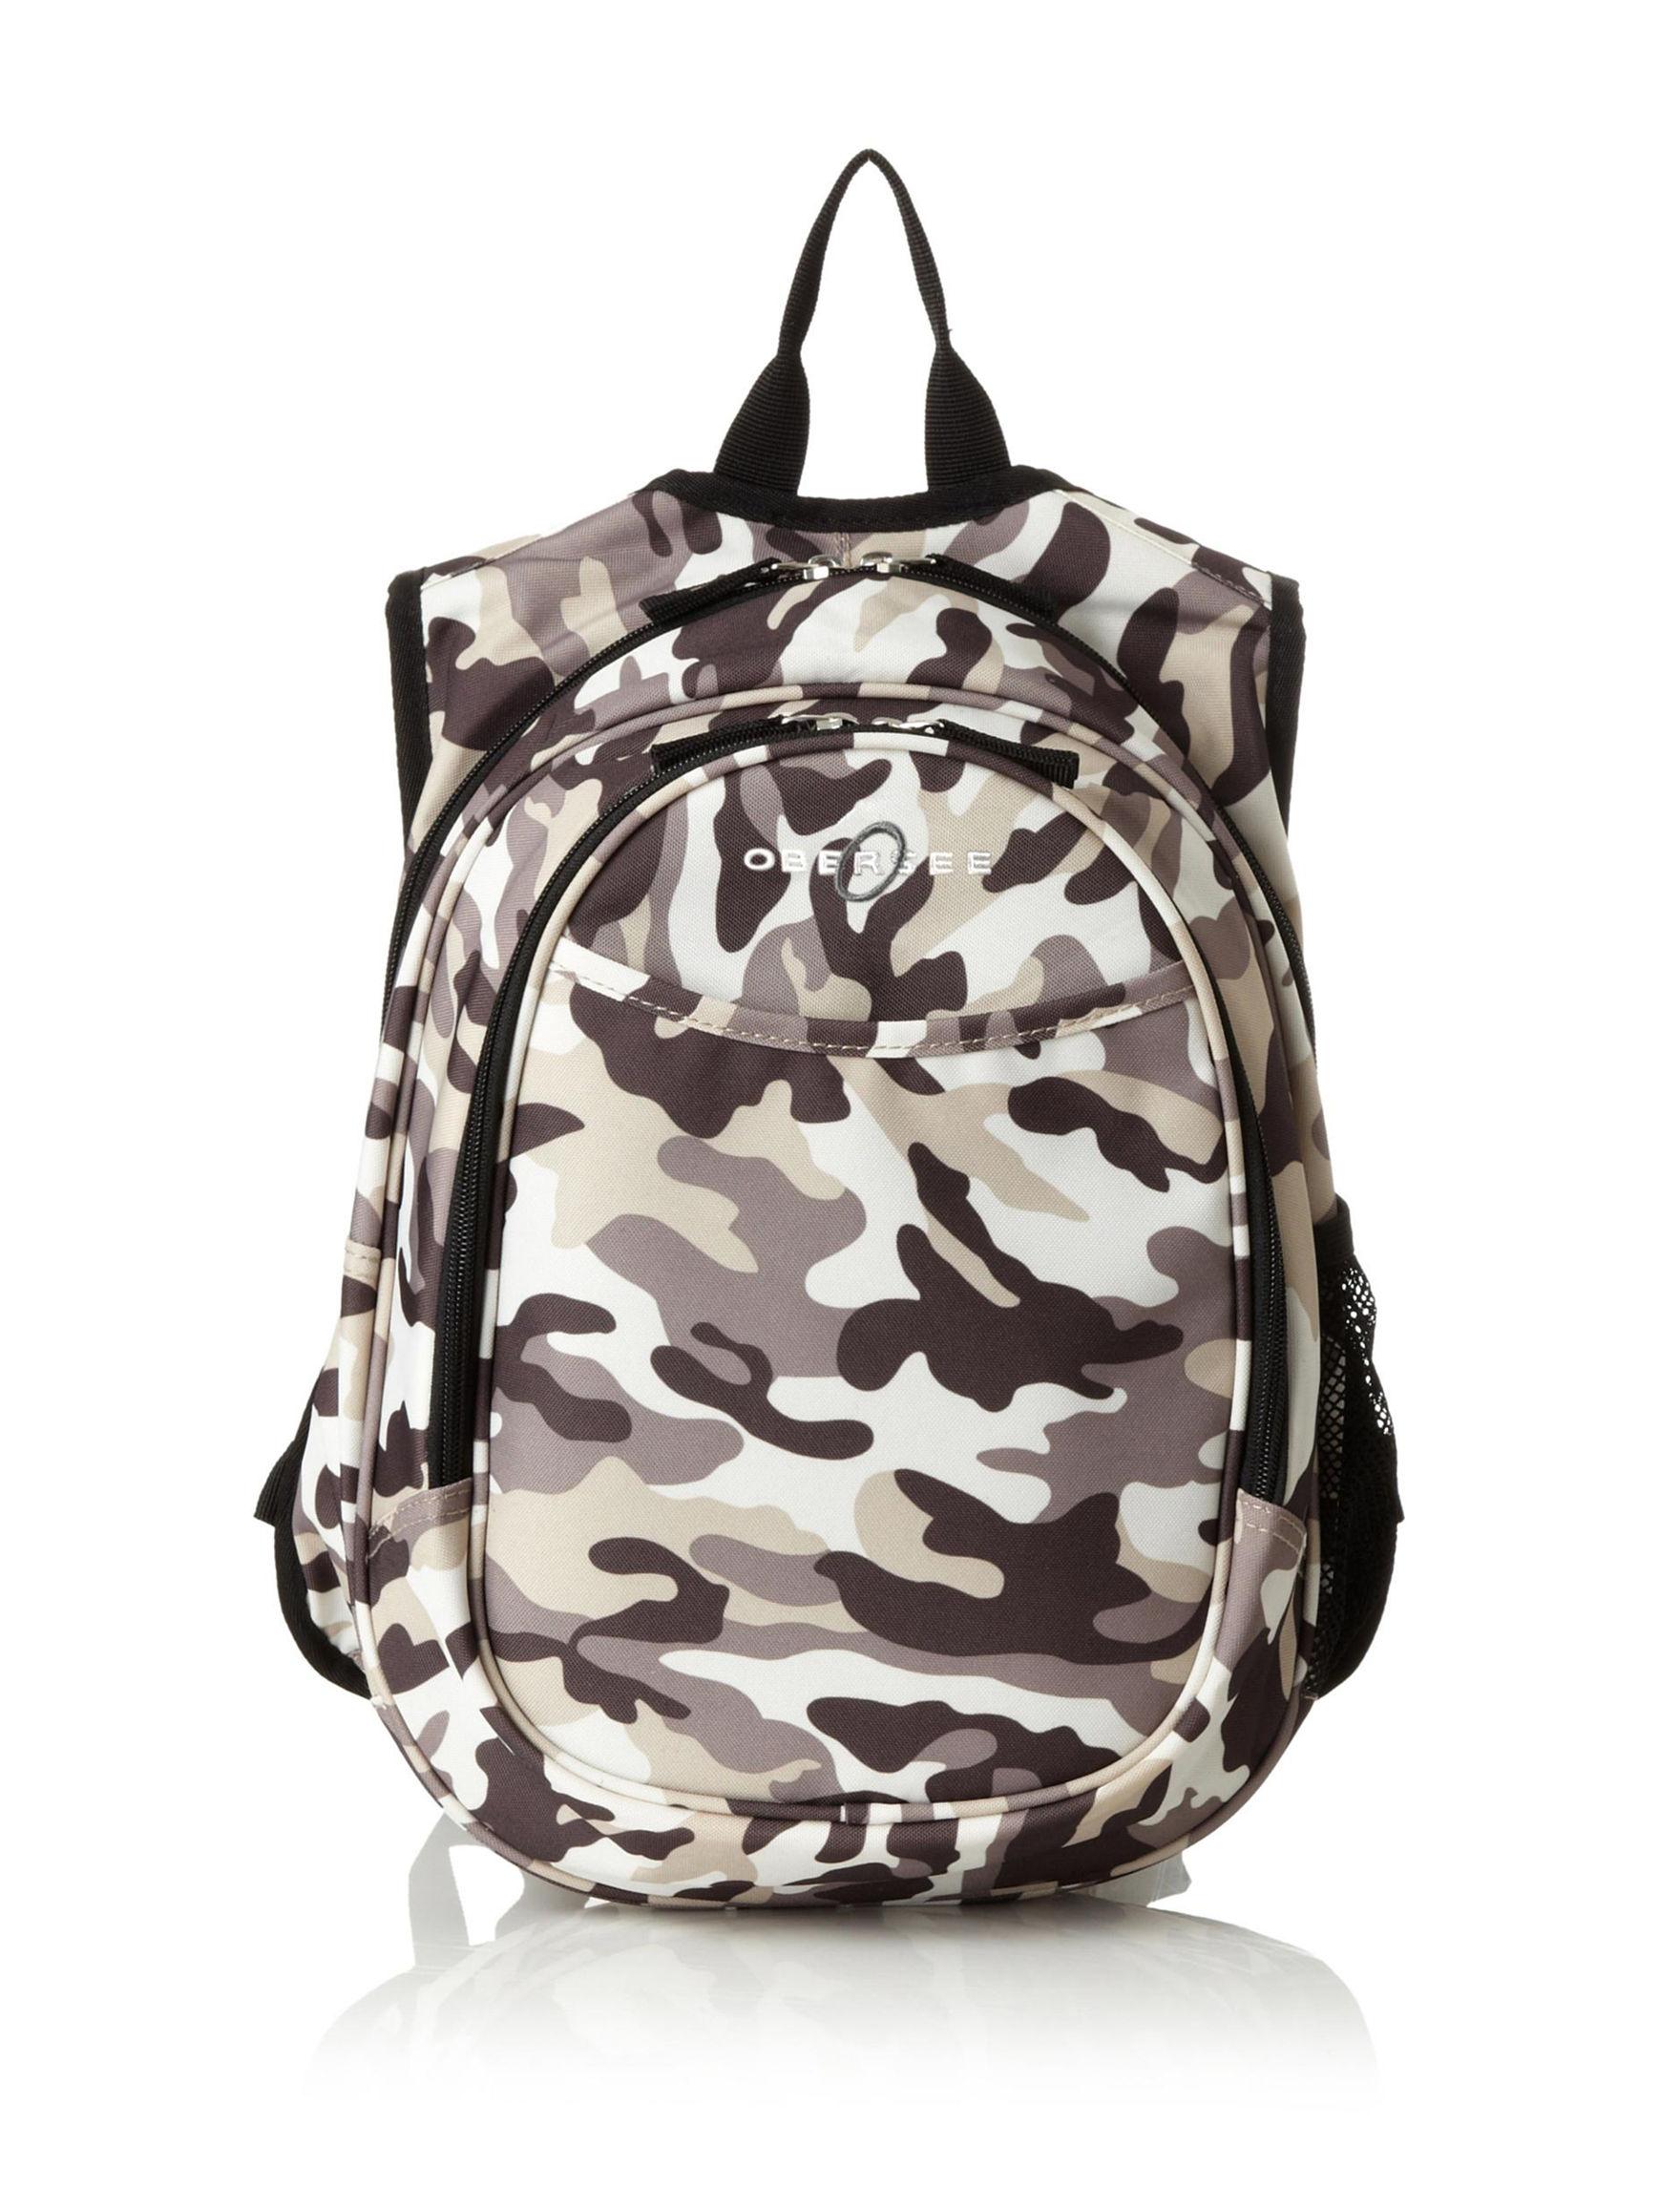 Obersee Brown Camo Bookbags & Backpacks Diaper Bags